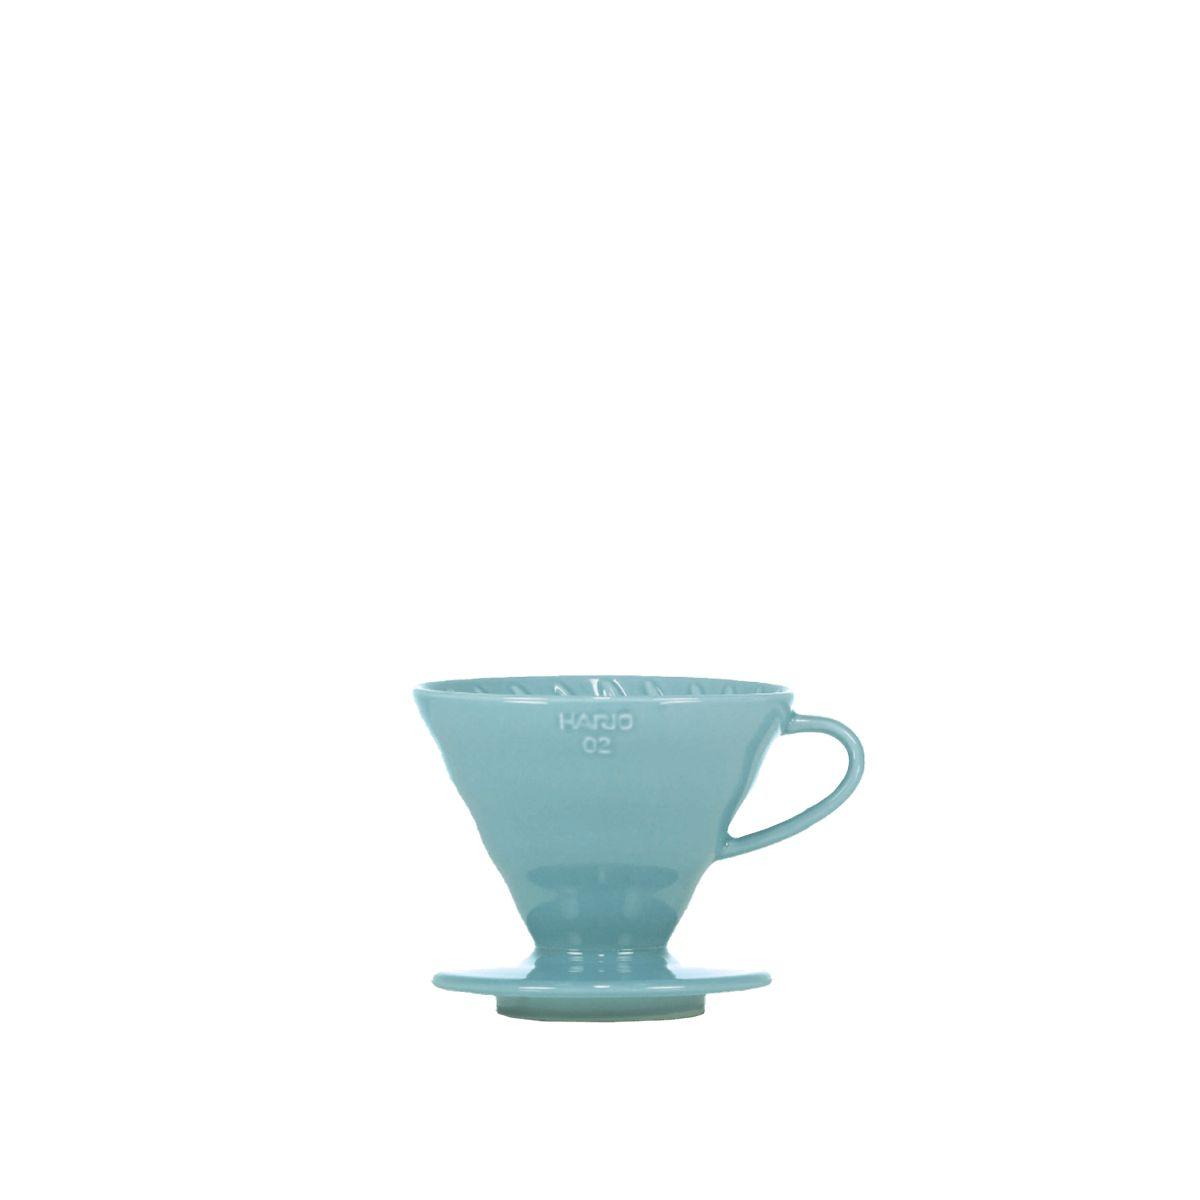 V60 dripper Hario porcelaine [3/4 tasses] - Bleu turquoise